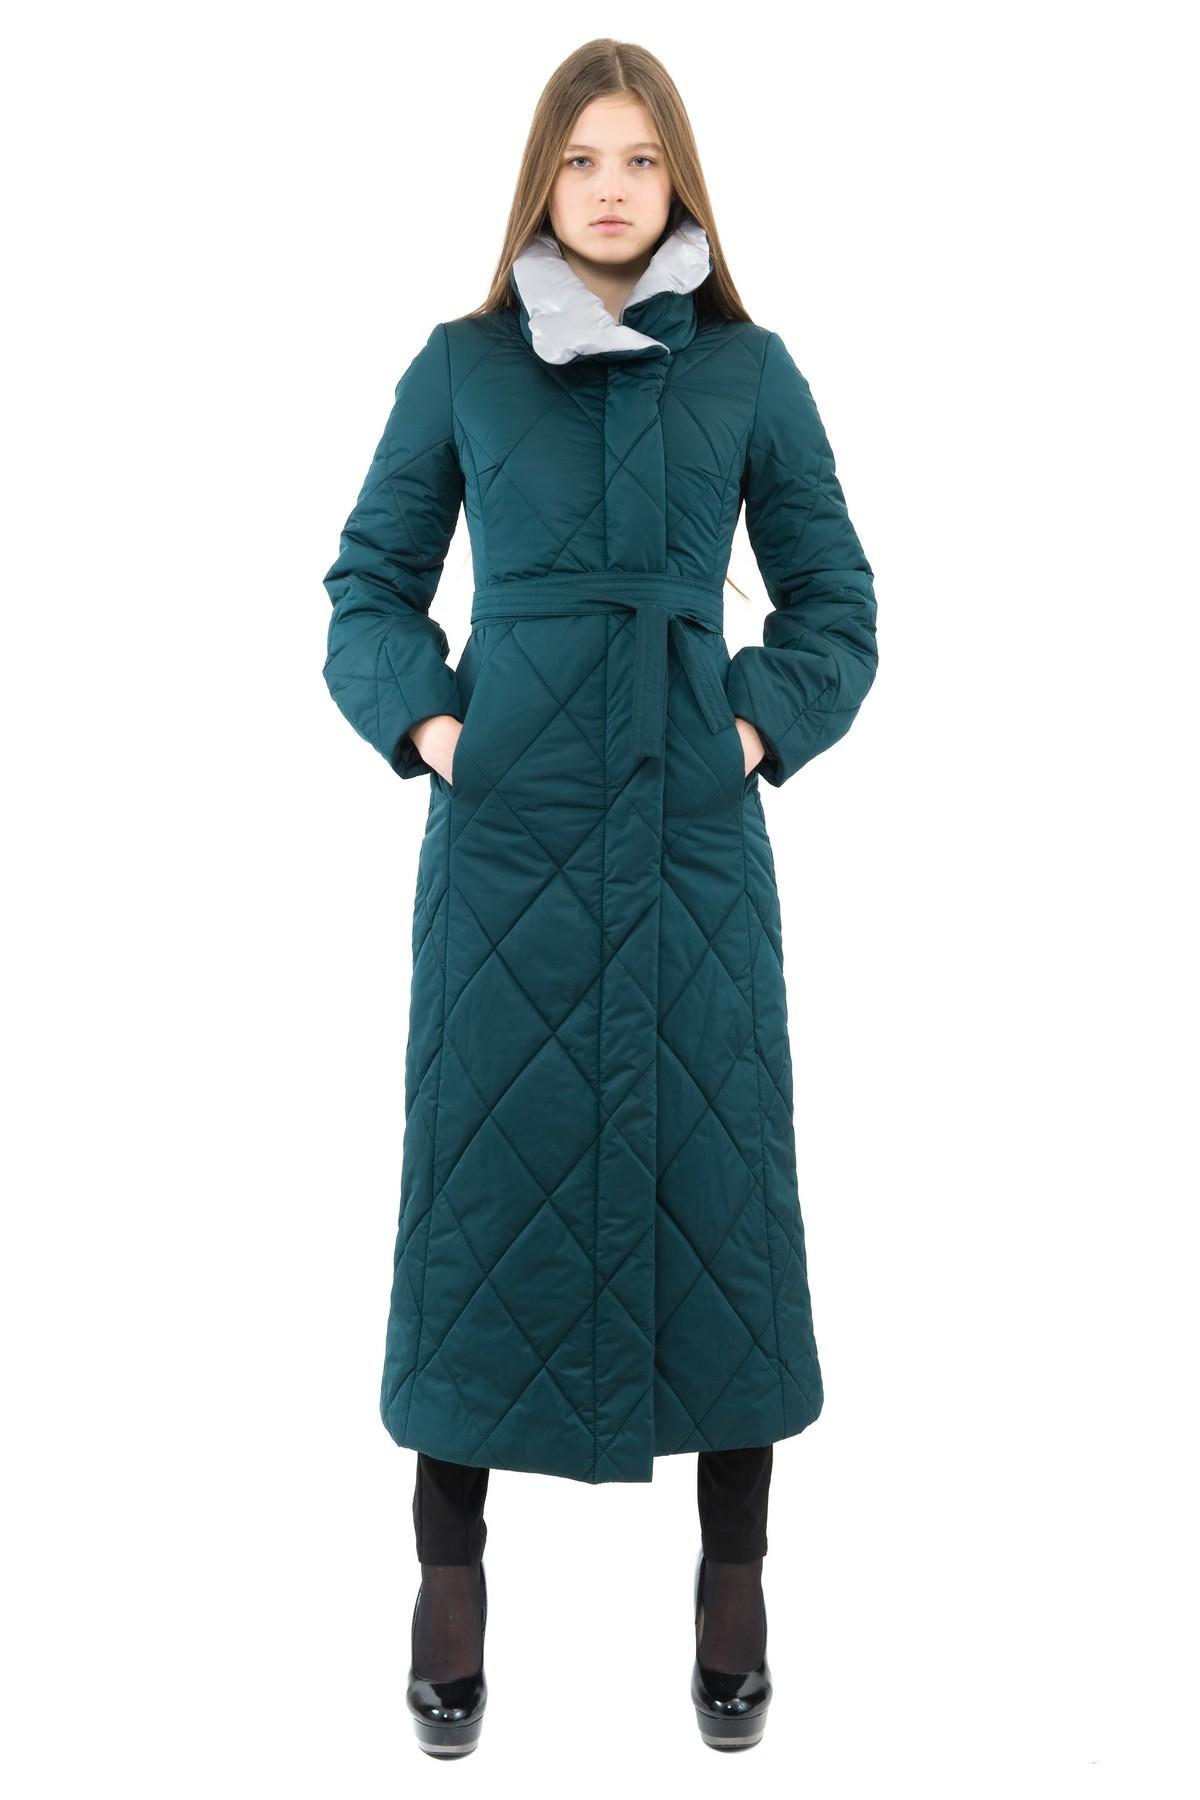 ПальтоЖенские куртки, плащи, пальто<br>Восхитительный вариант для тех, кто предпочитает стильные решения - элегантное пальто сдержанного модного дизайна, который подчеркнет Ваш безупречный вкус. Прекрасный вариант для создания элегантного образа.<br><br>Цвет: зеленый,серый<br>Состав: 100% полиэстер: подкладка - 100% полиэстер<br>Размер: 46<br>Страна дизайна: Россия<br>Страна производства: Россия